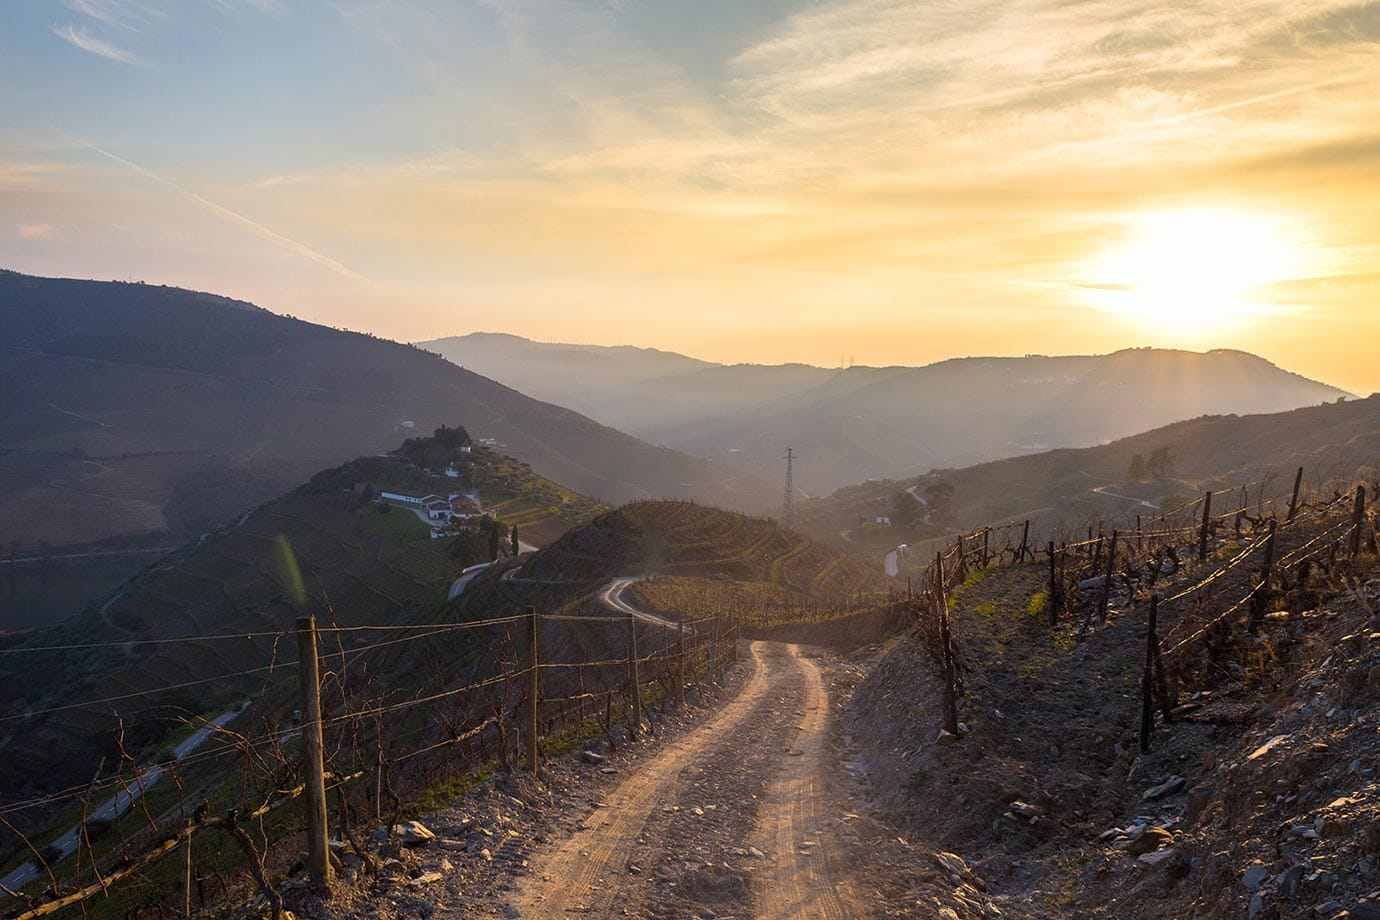 Quinta do Crasto vineyard